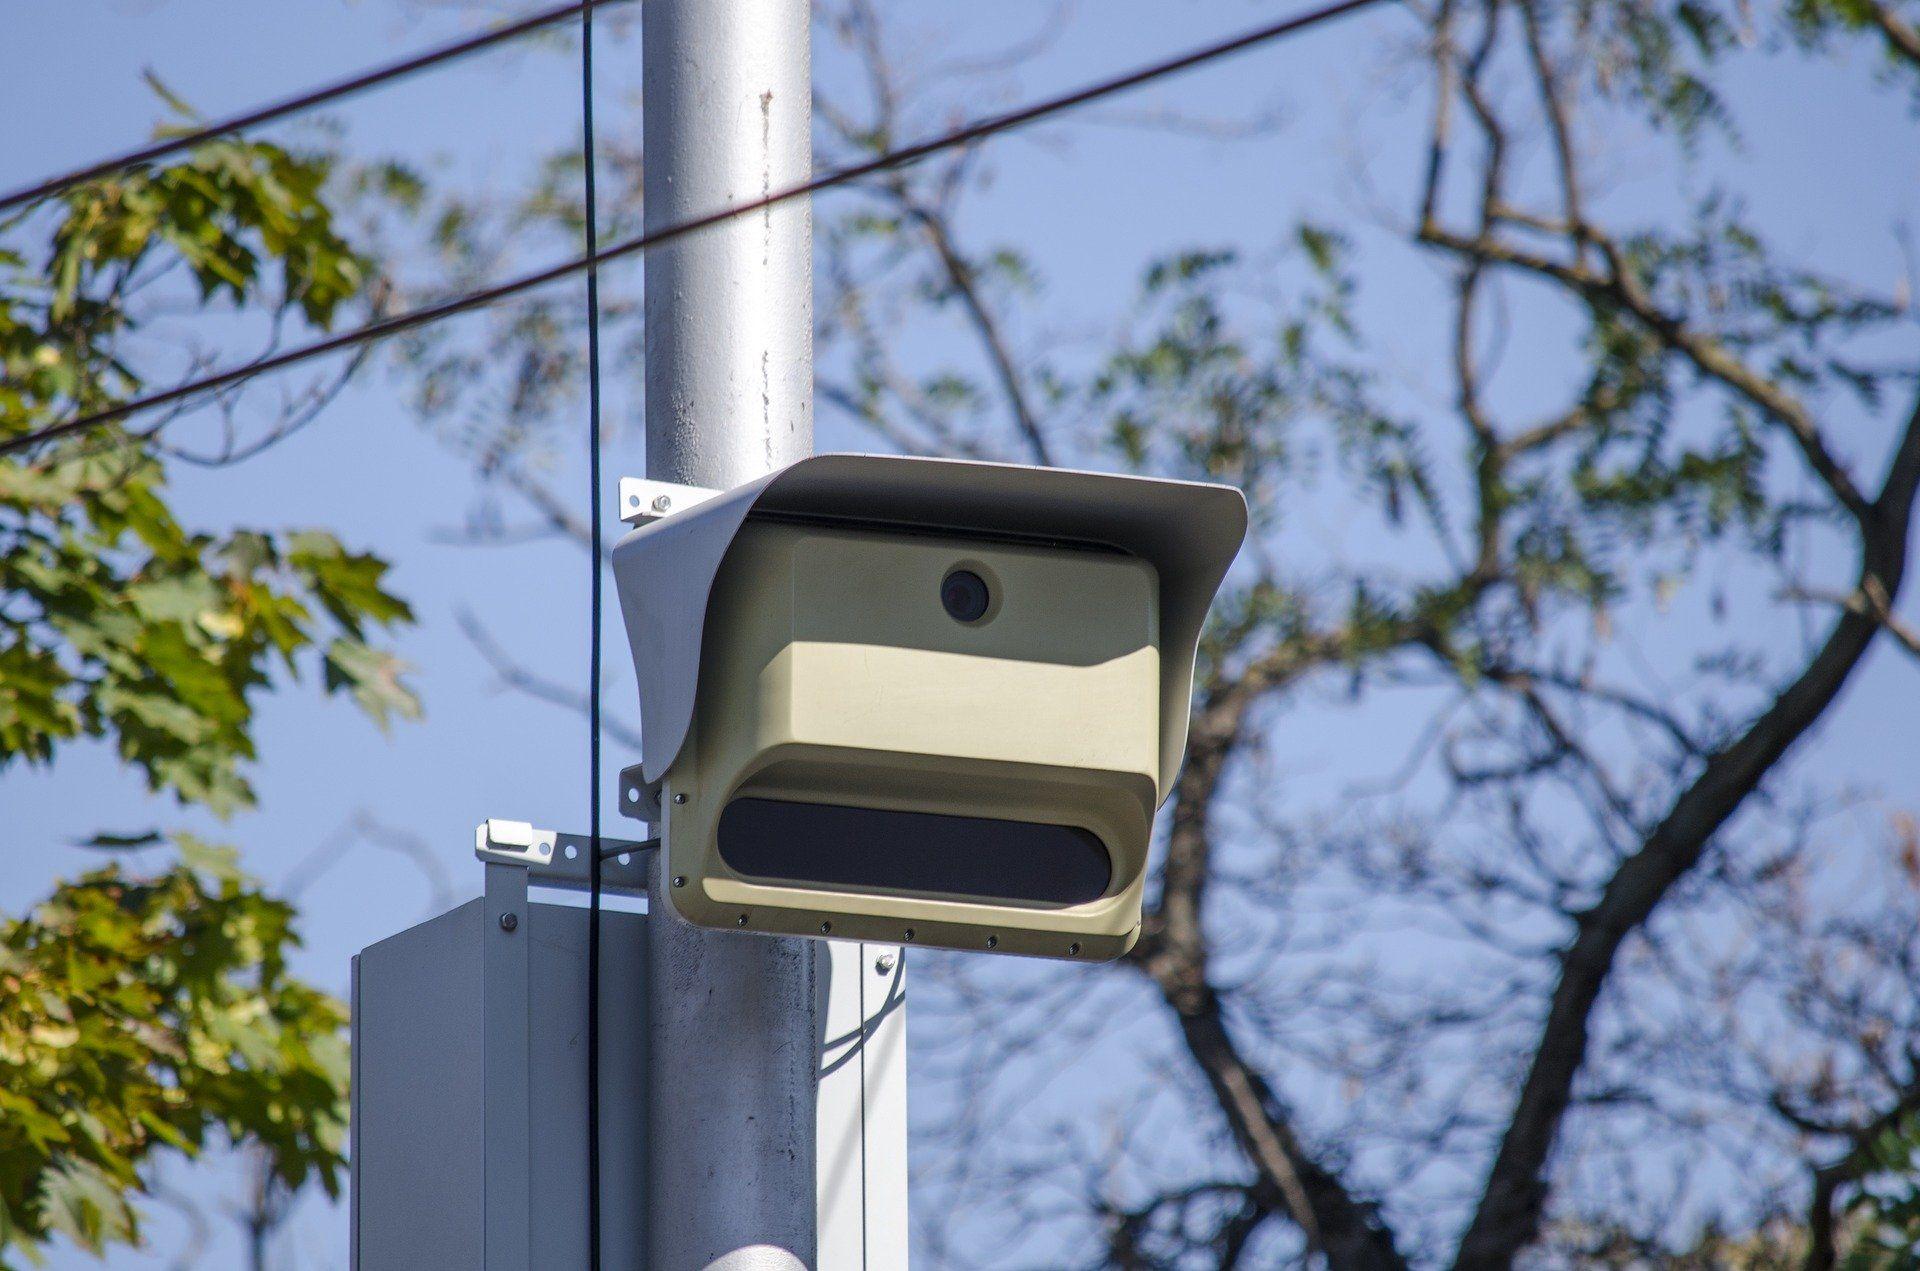 К дорожным камерам подключат нейросети